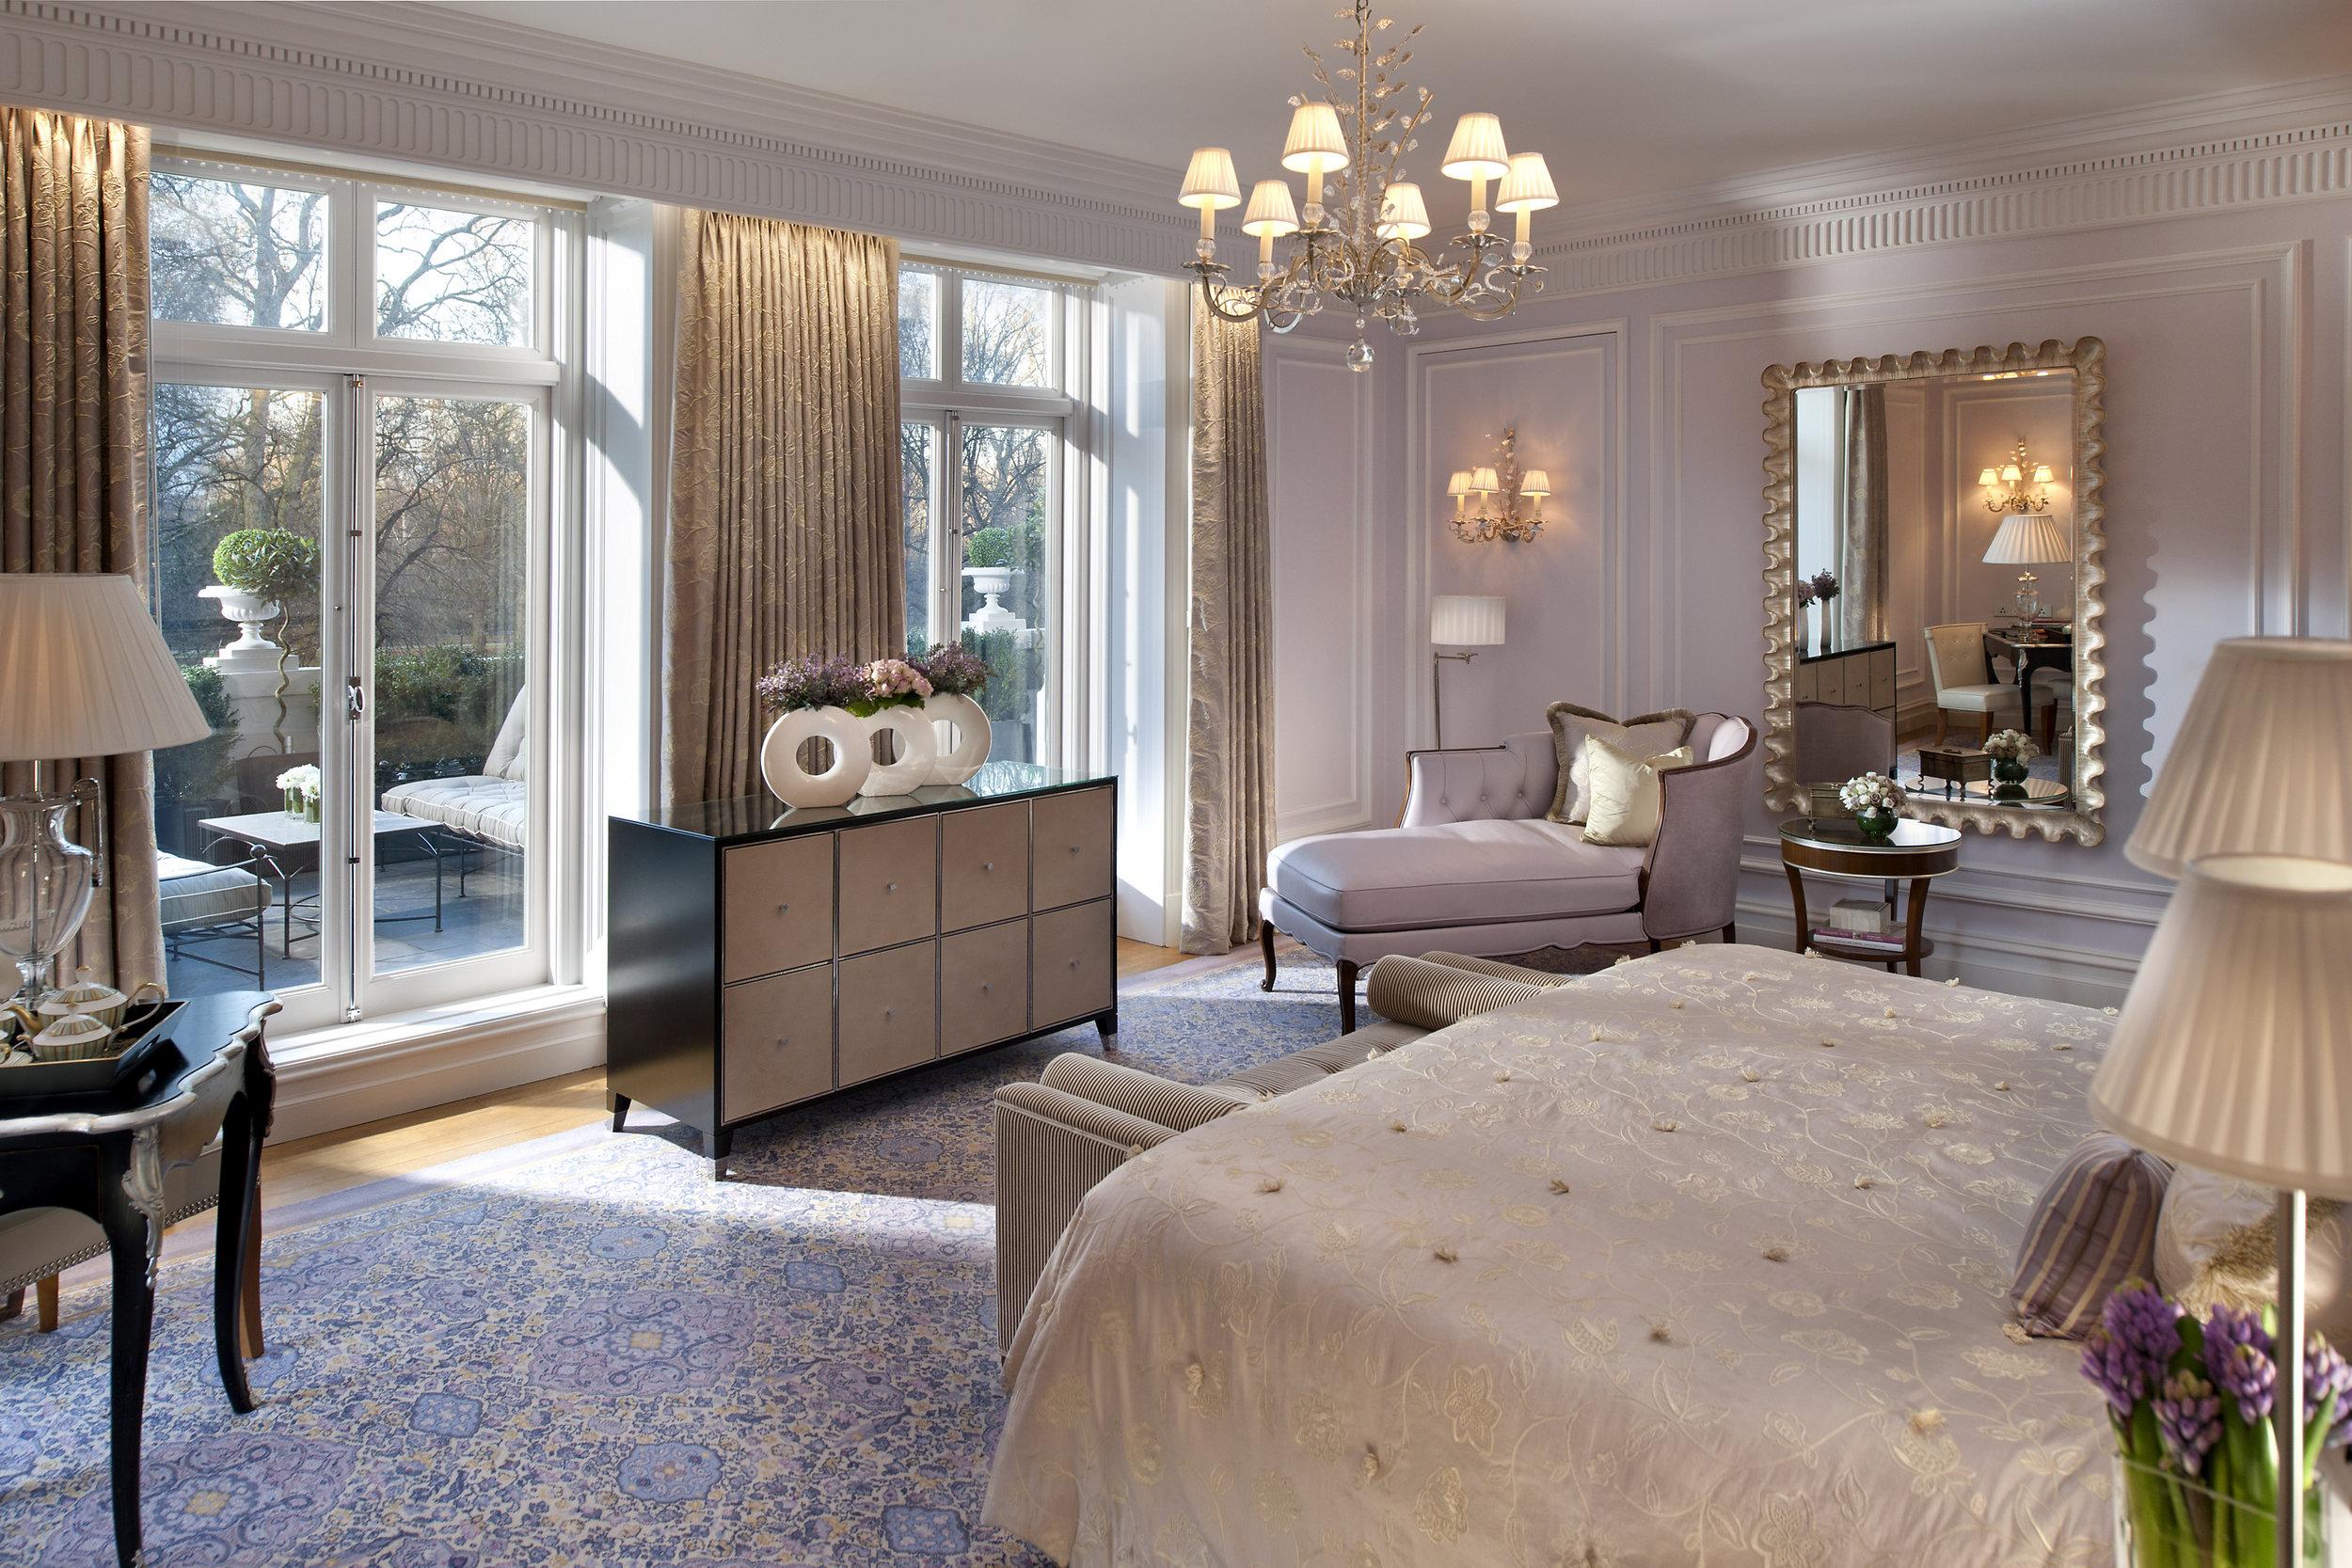 london-suites-royal-suite-bedroom-2.jpg